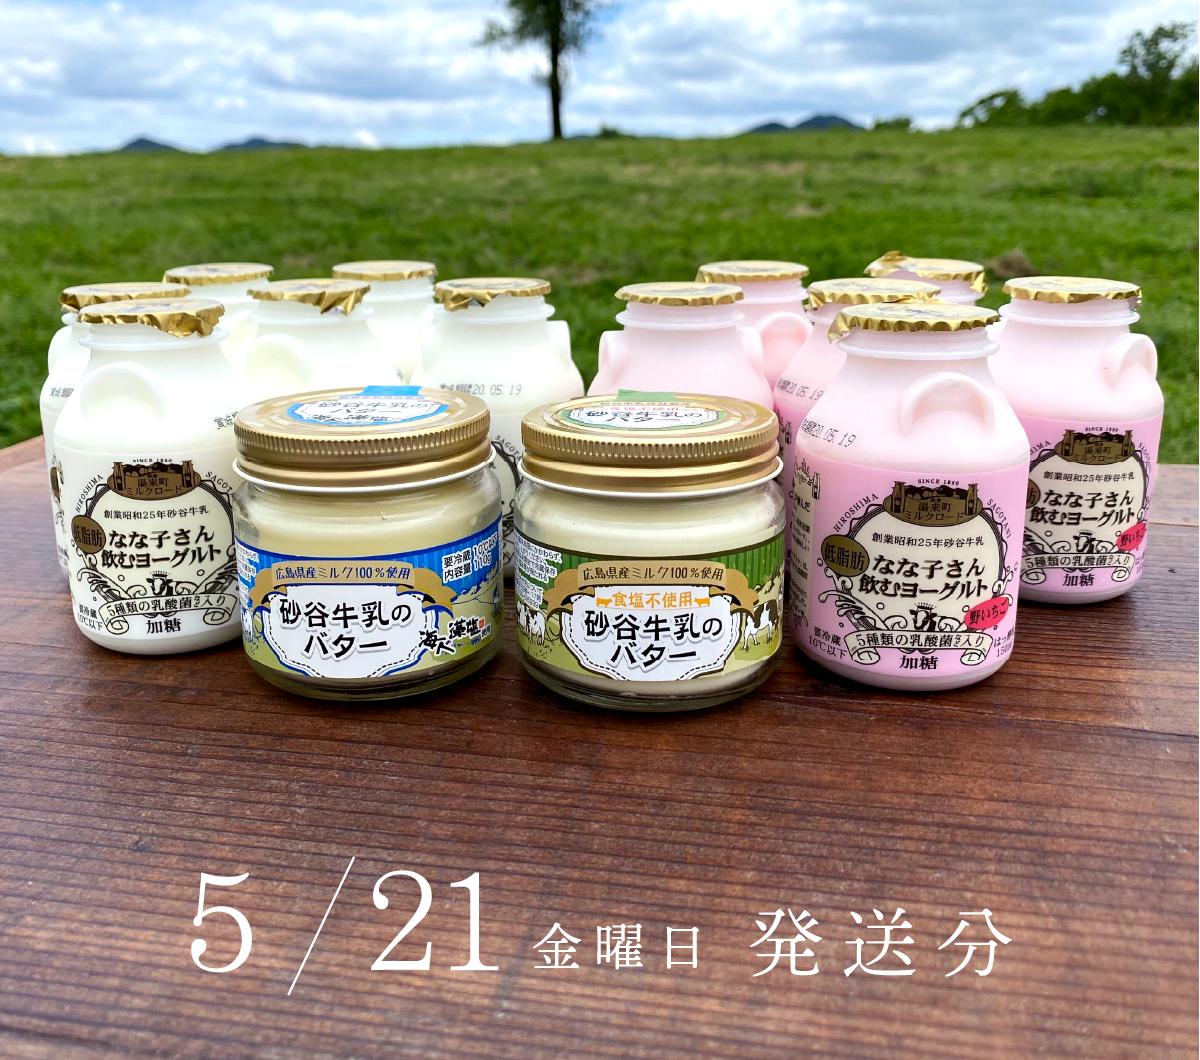 バター&飲むヨーグルトセット 5月21日(金)発送分